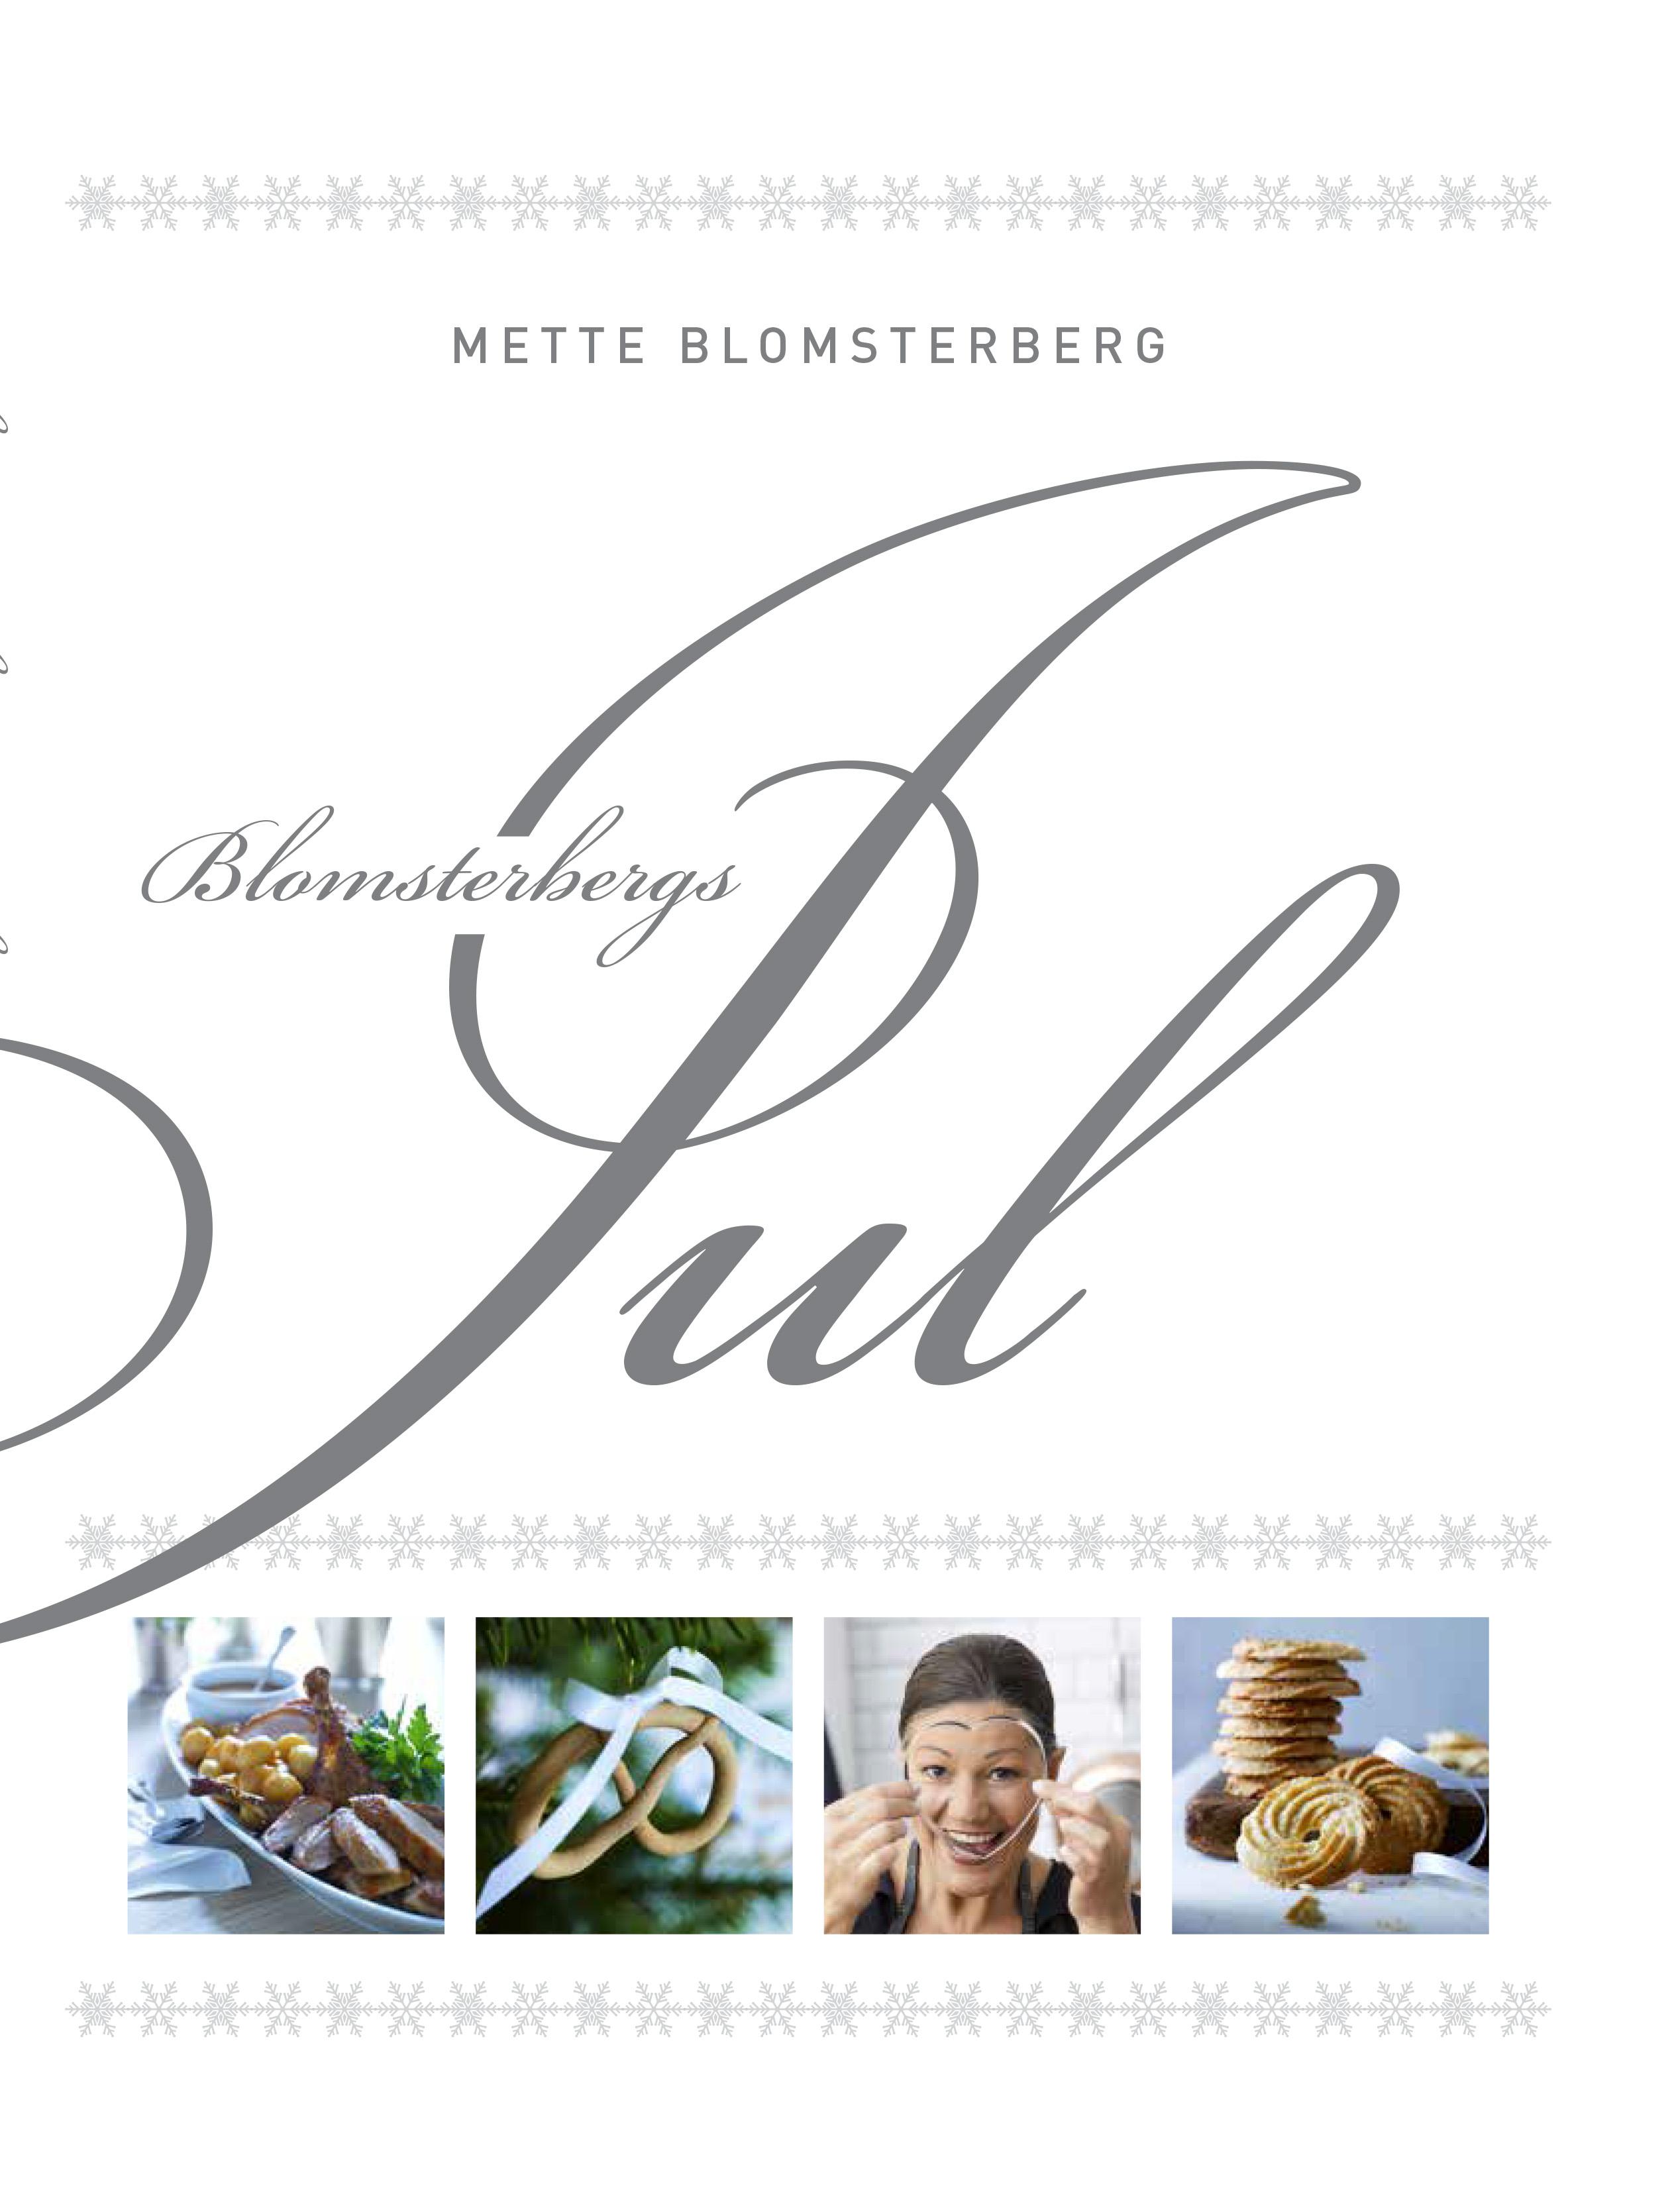 Blomsterbergs jul - Mette Blomsterberg - Bøger - Politikens Forlag - 9788740060300 - 7/11-2019